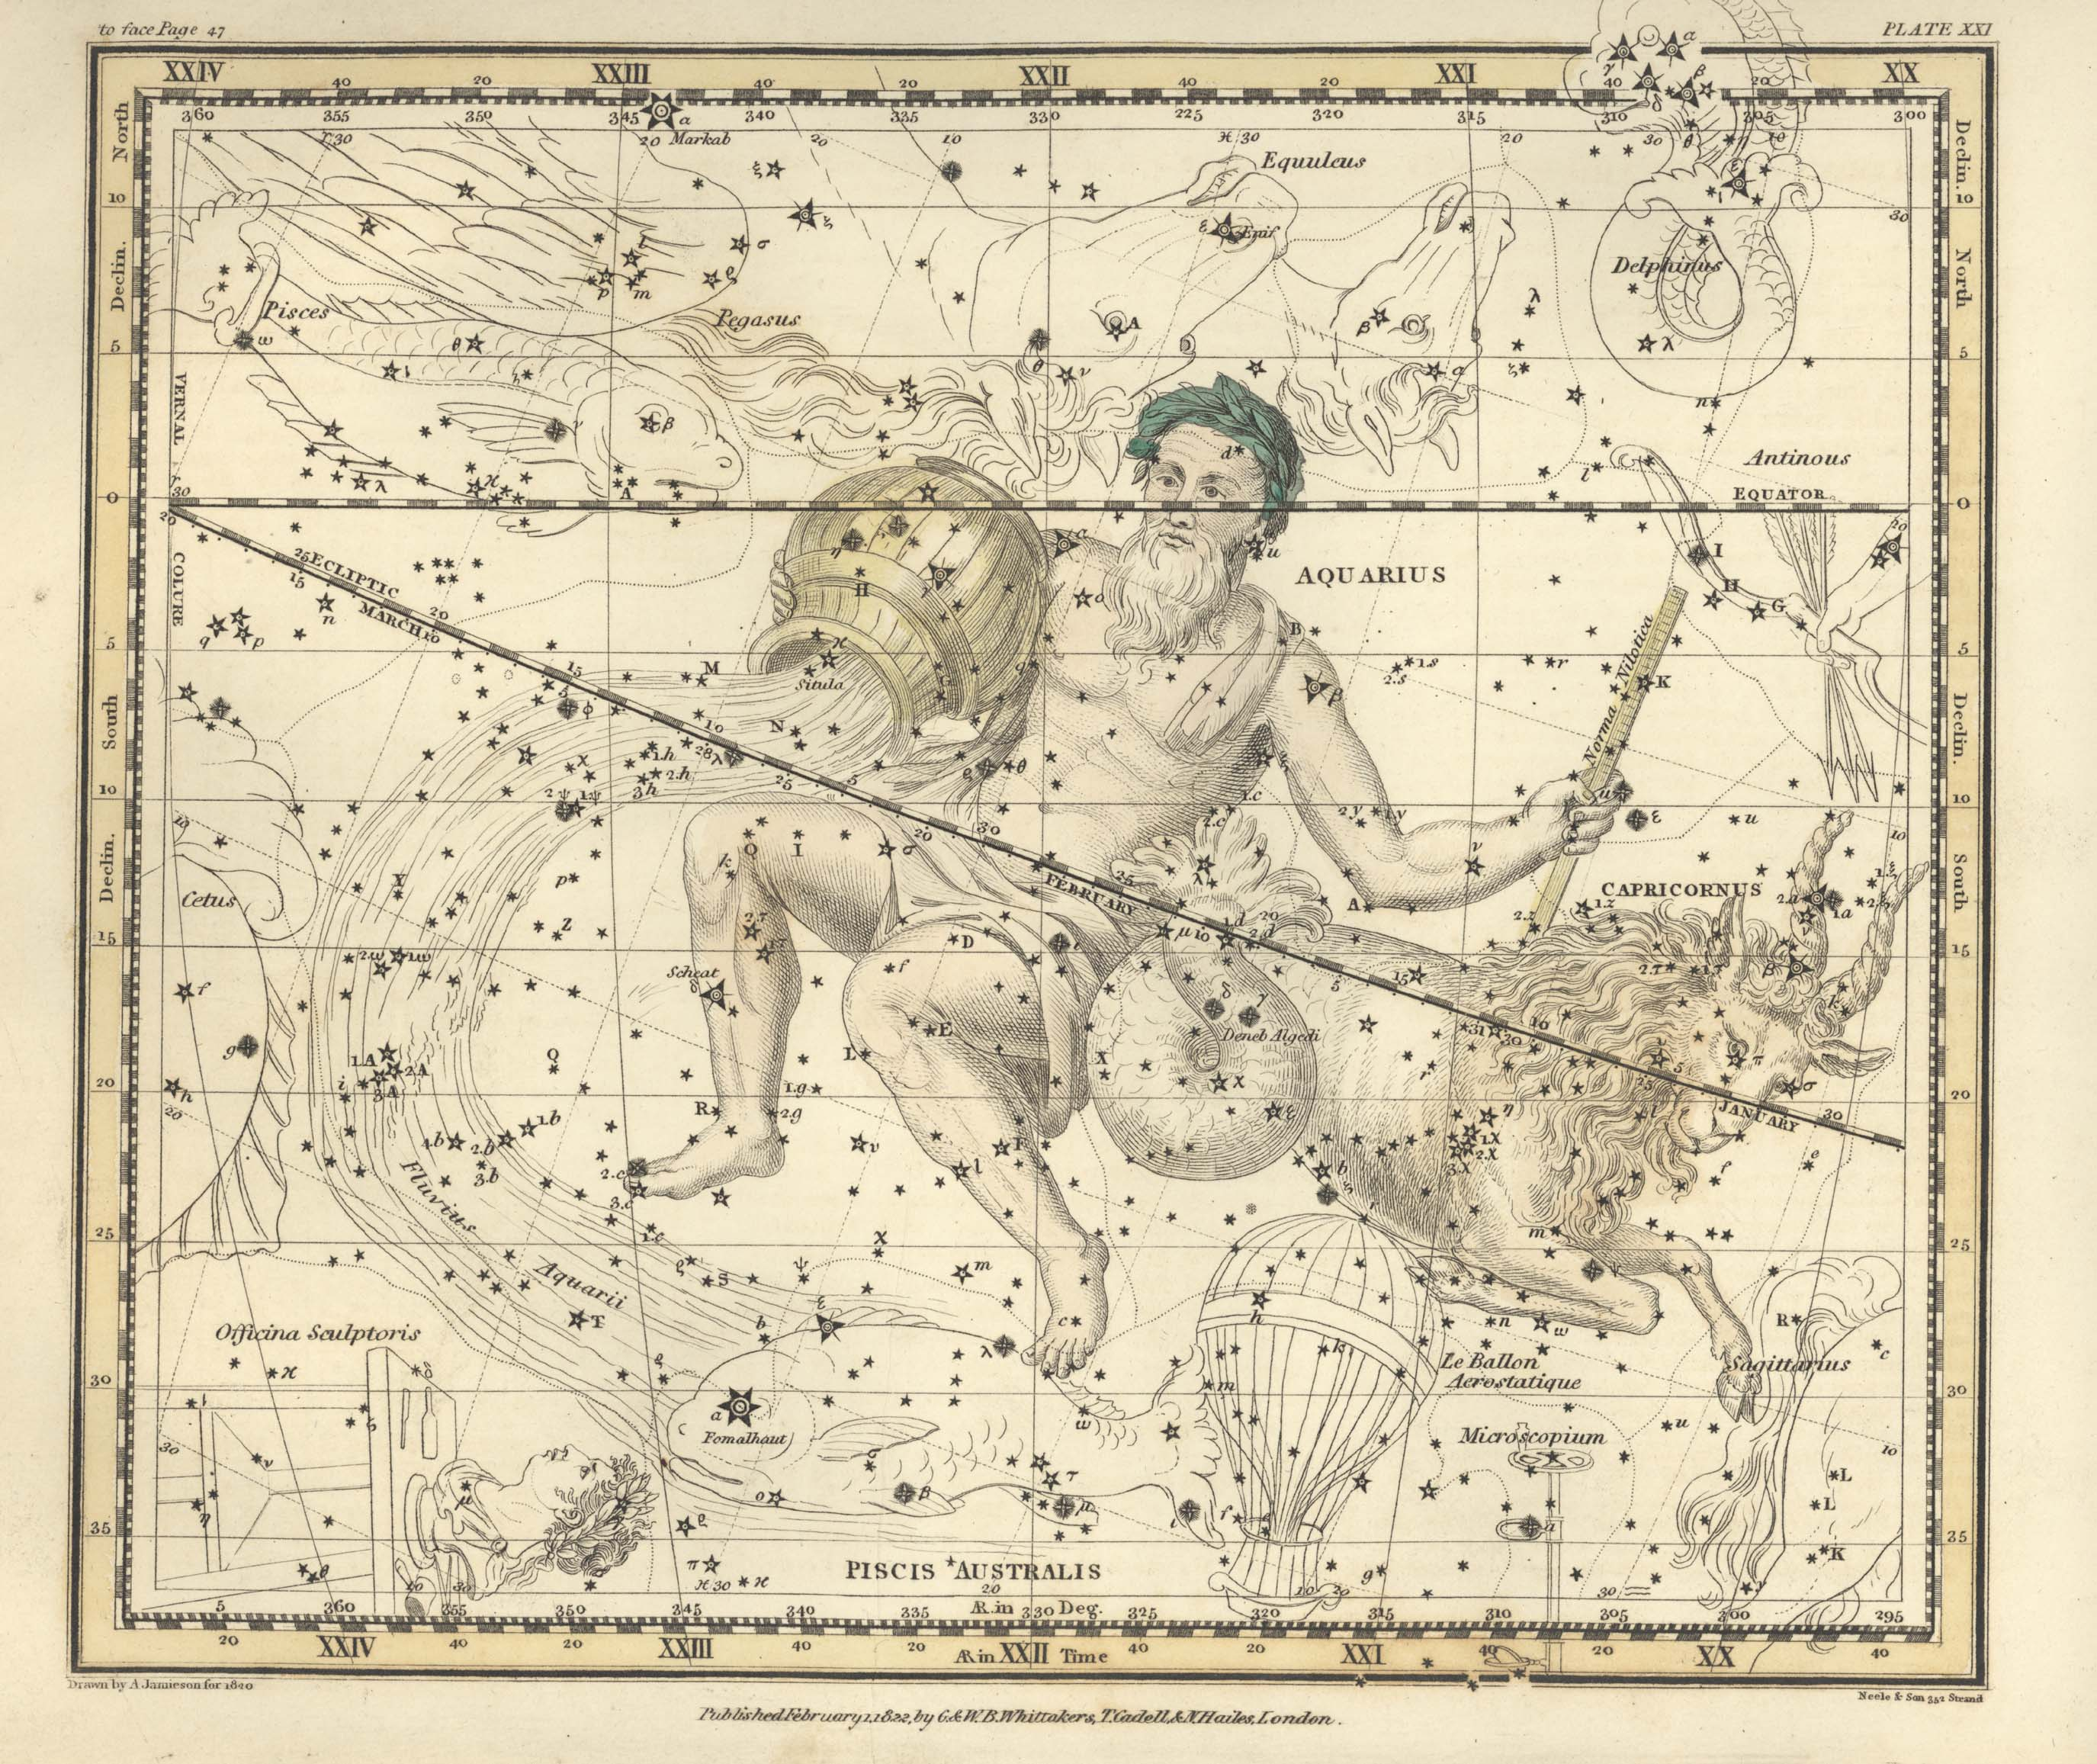 Страница №24: Водолей, Нилометр, Воздушный Шар, Южная Рыба, Микроскоп и Козерог